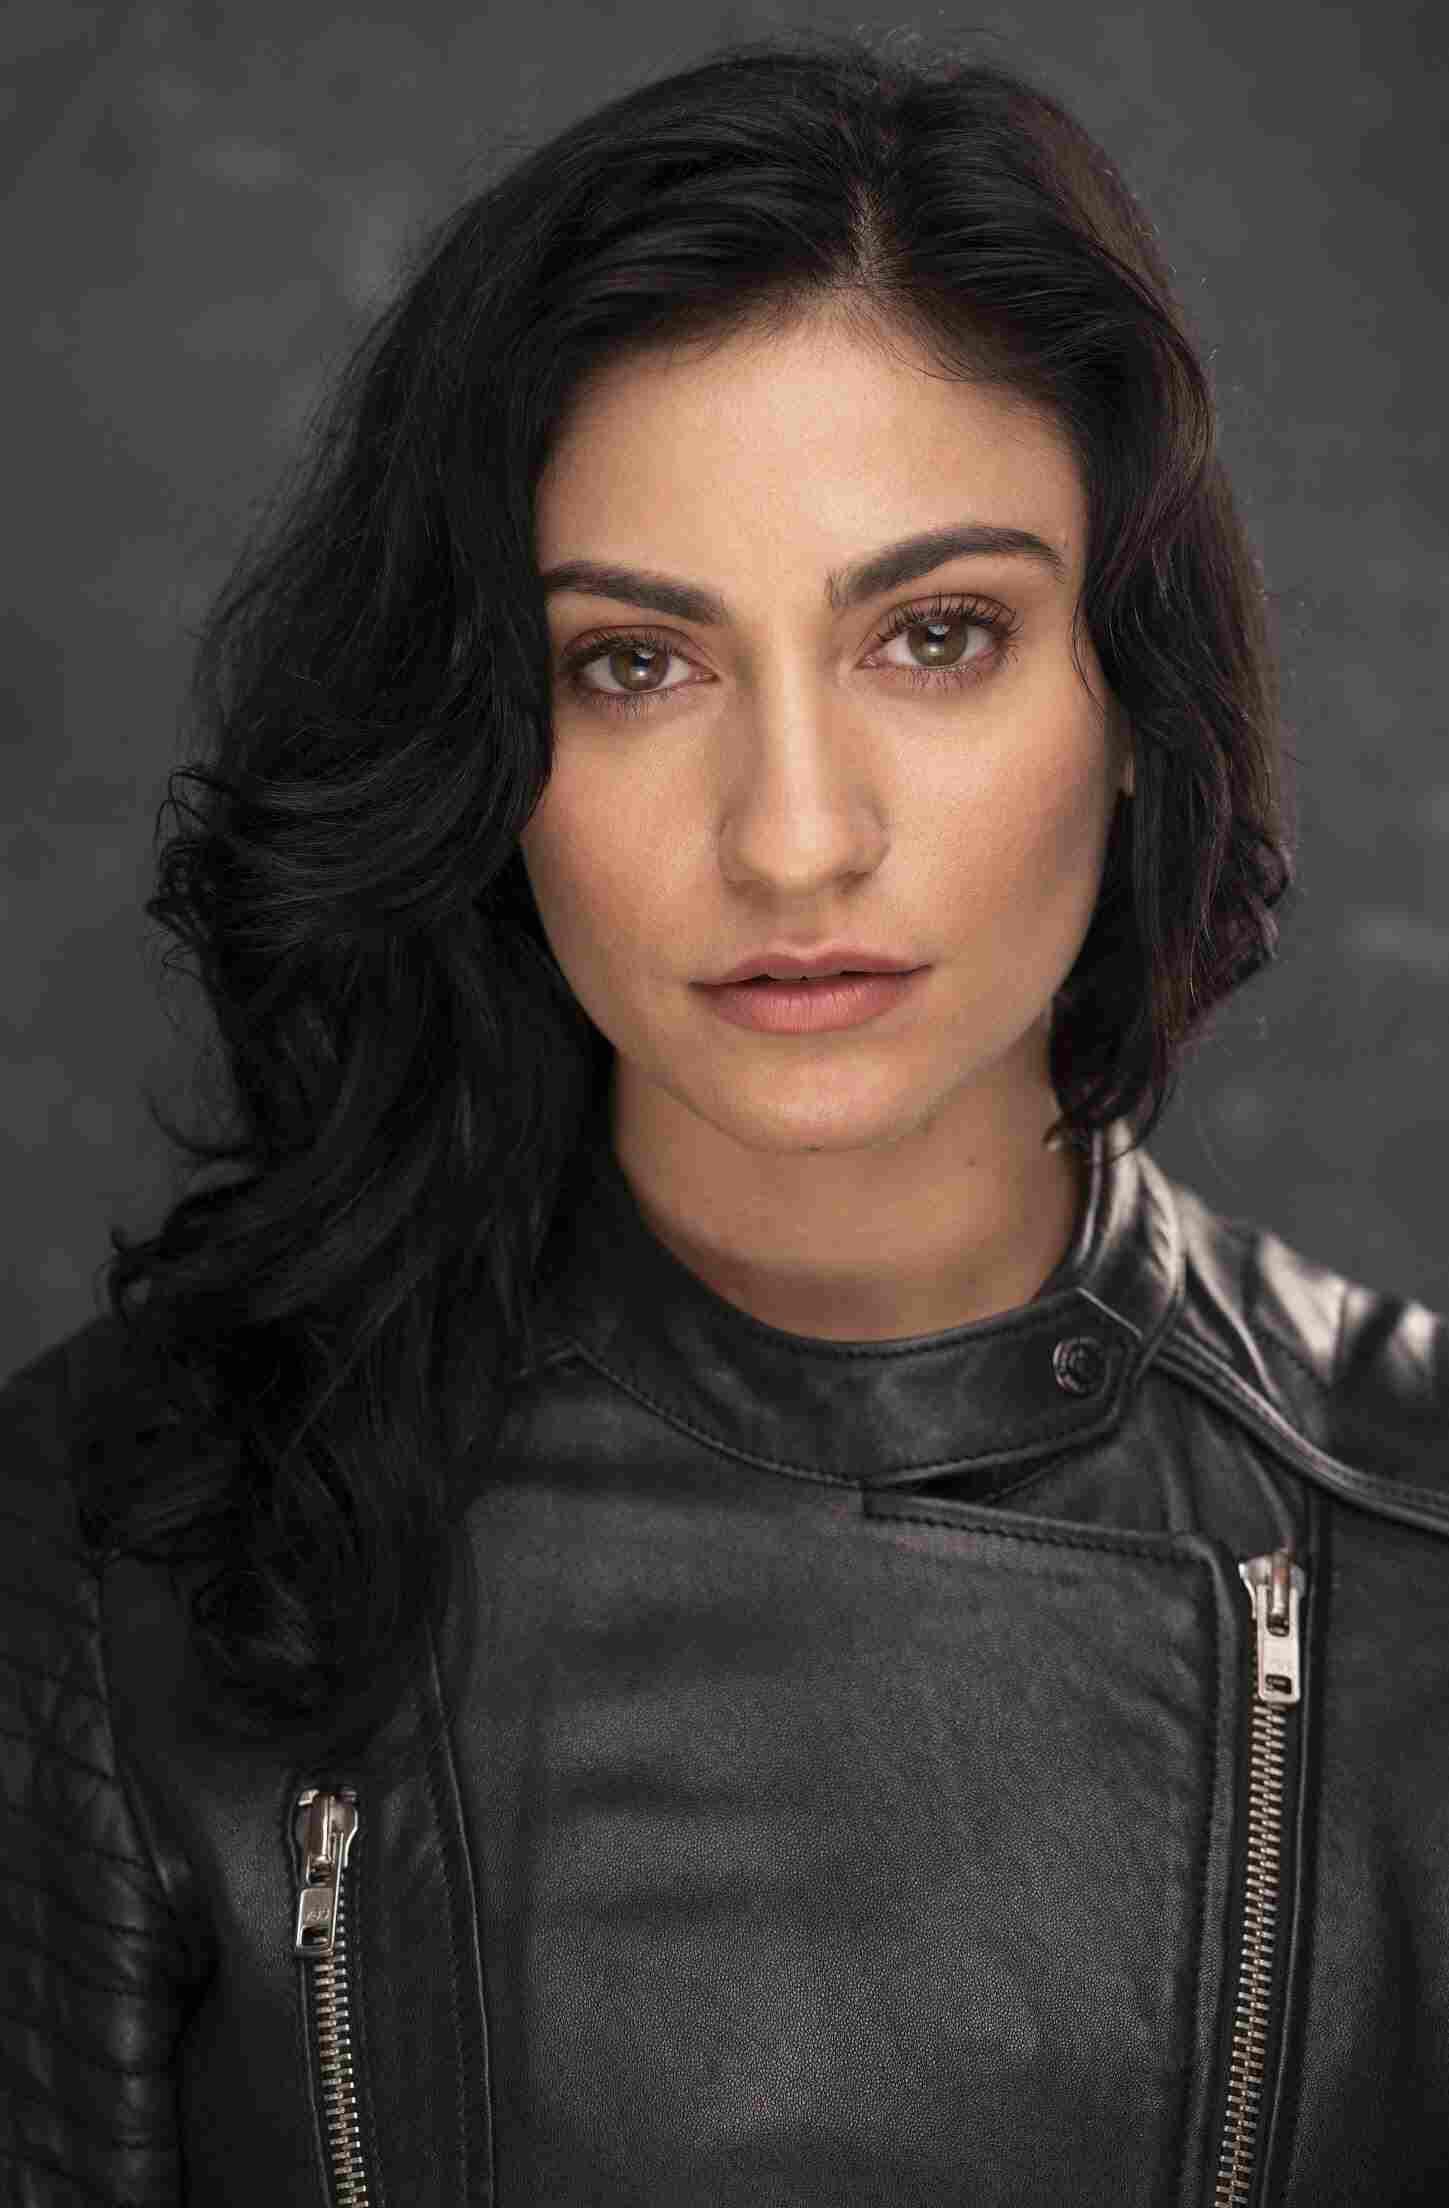 Kiley Casciano